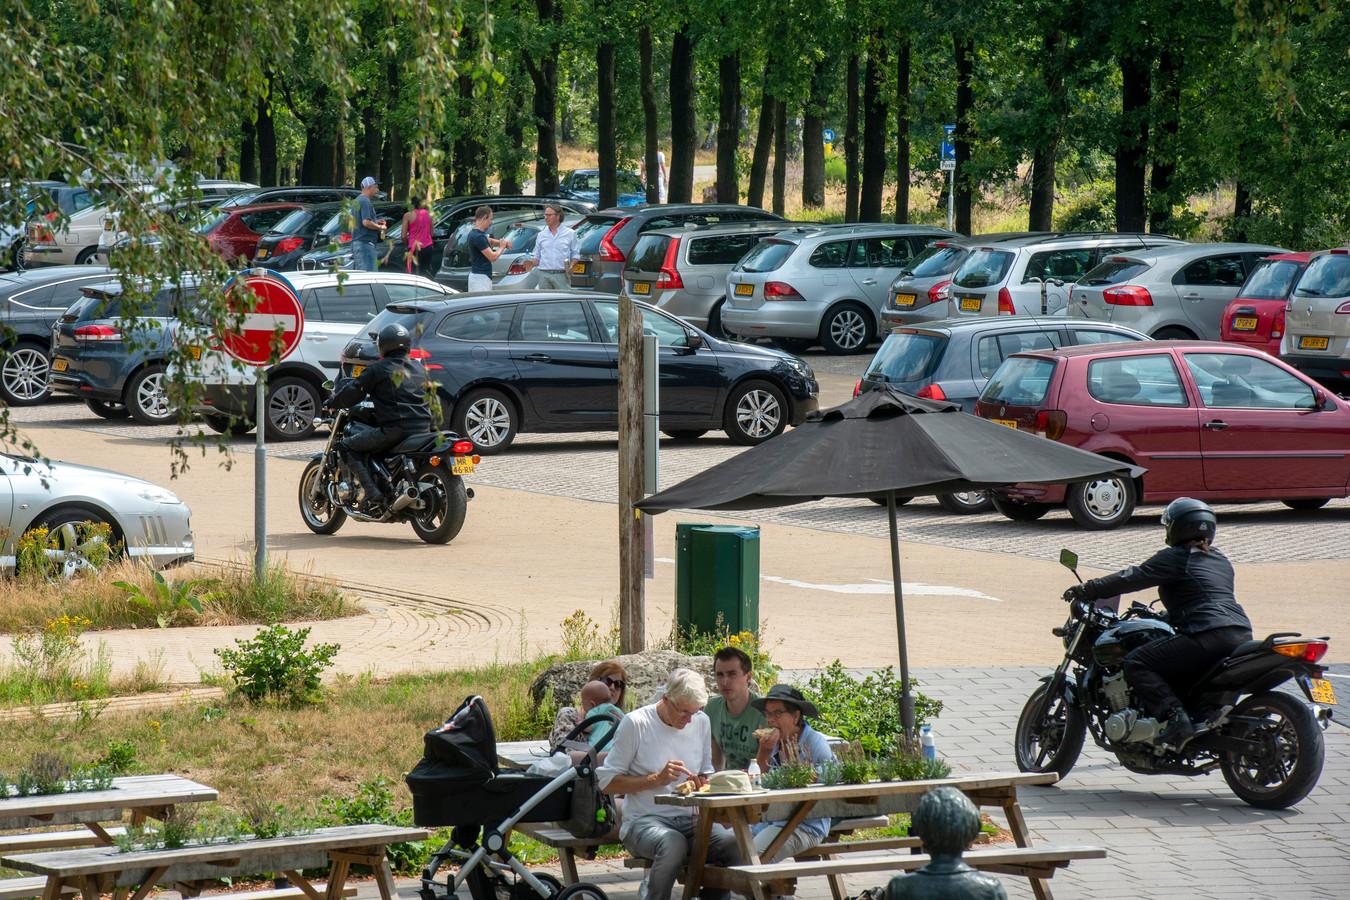 Zondag 27 juli: drukte op de parkeerplaats op de Posbank.